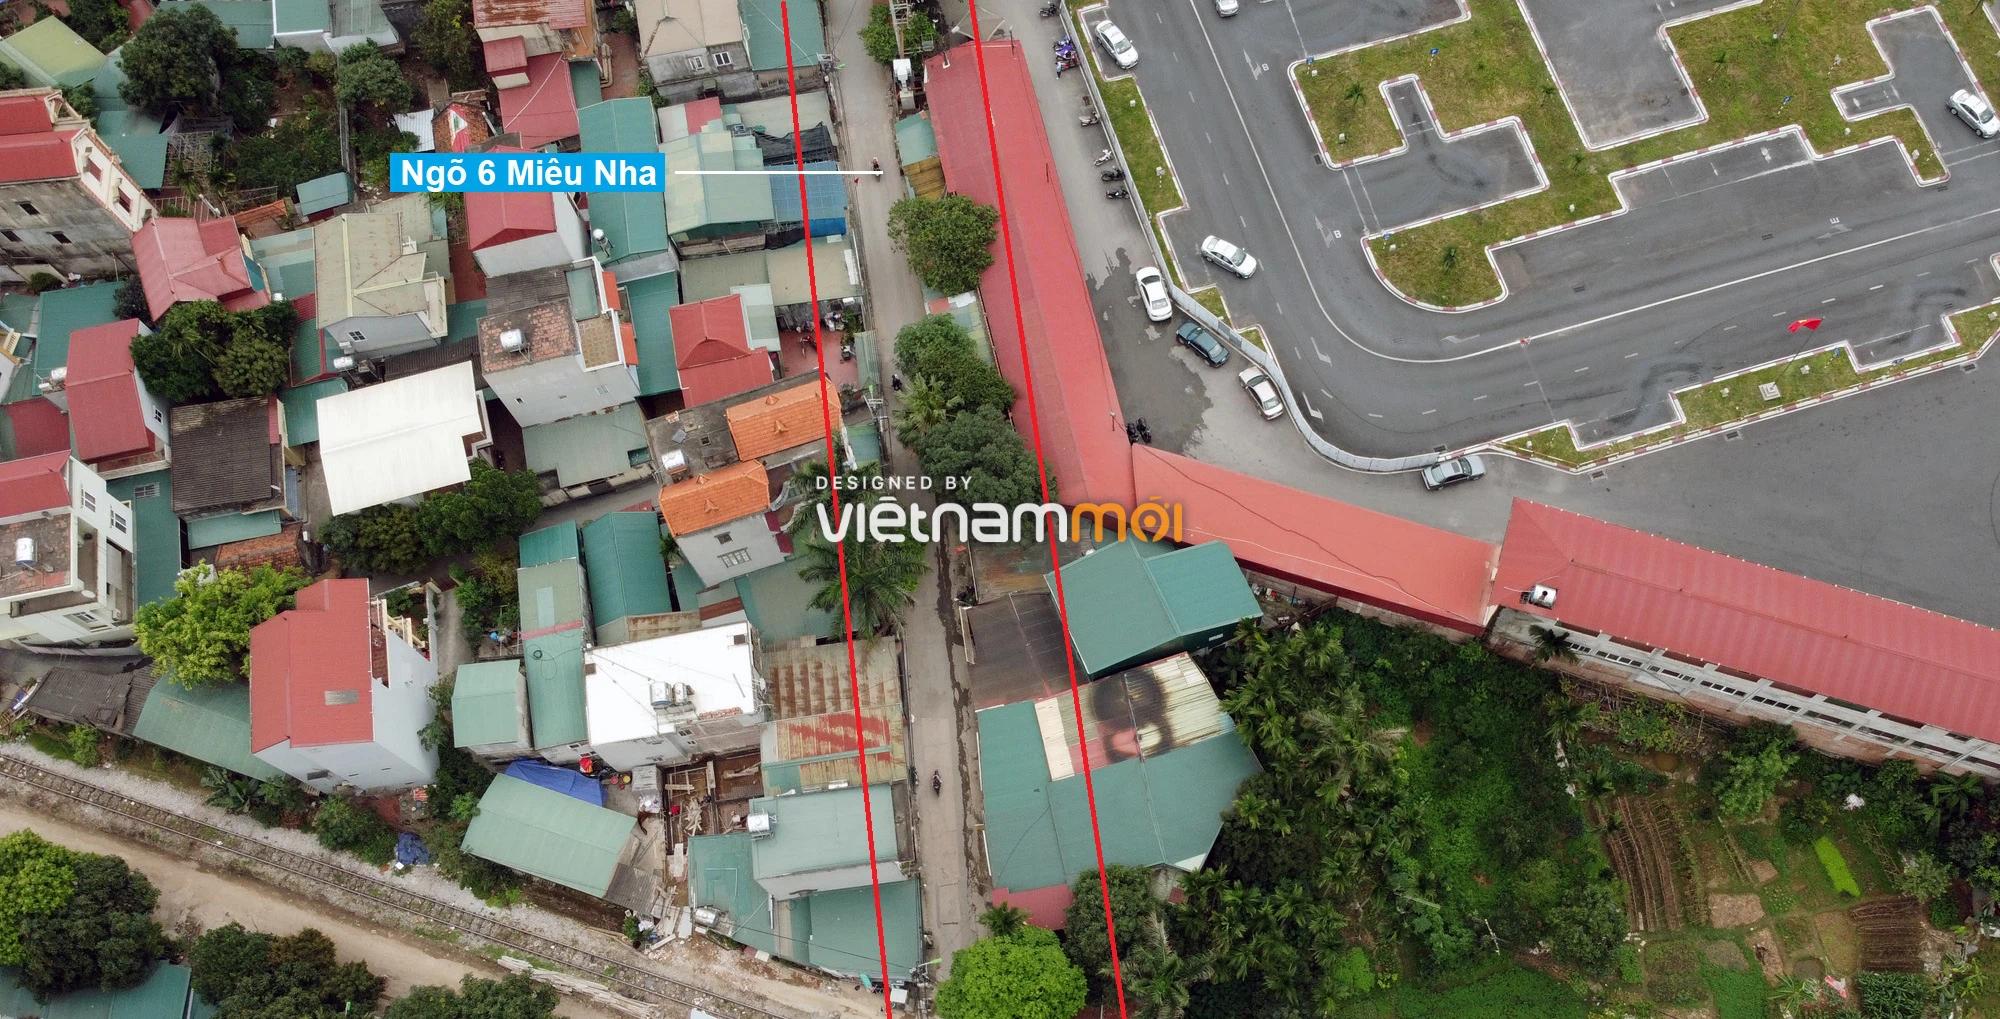 Những khu đất sắp thu hồi để mở đường ở phường Tây Mỗ, Nam Từ Liêm, Hà Nội (phần 5) - Ảnh 4.